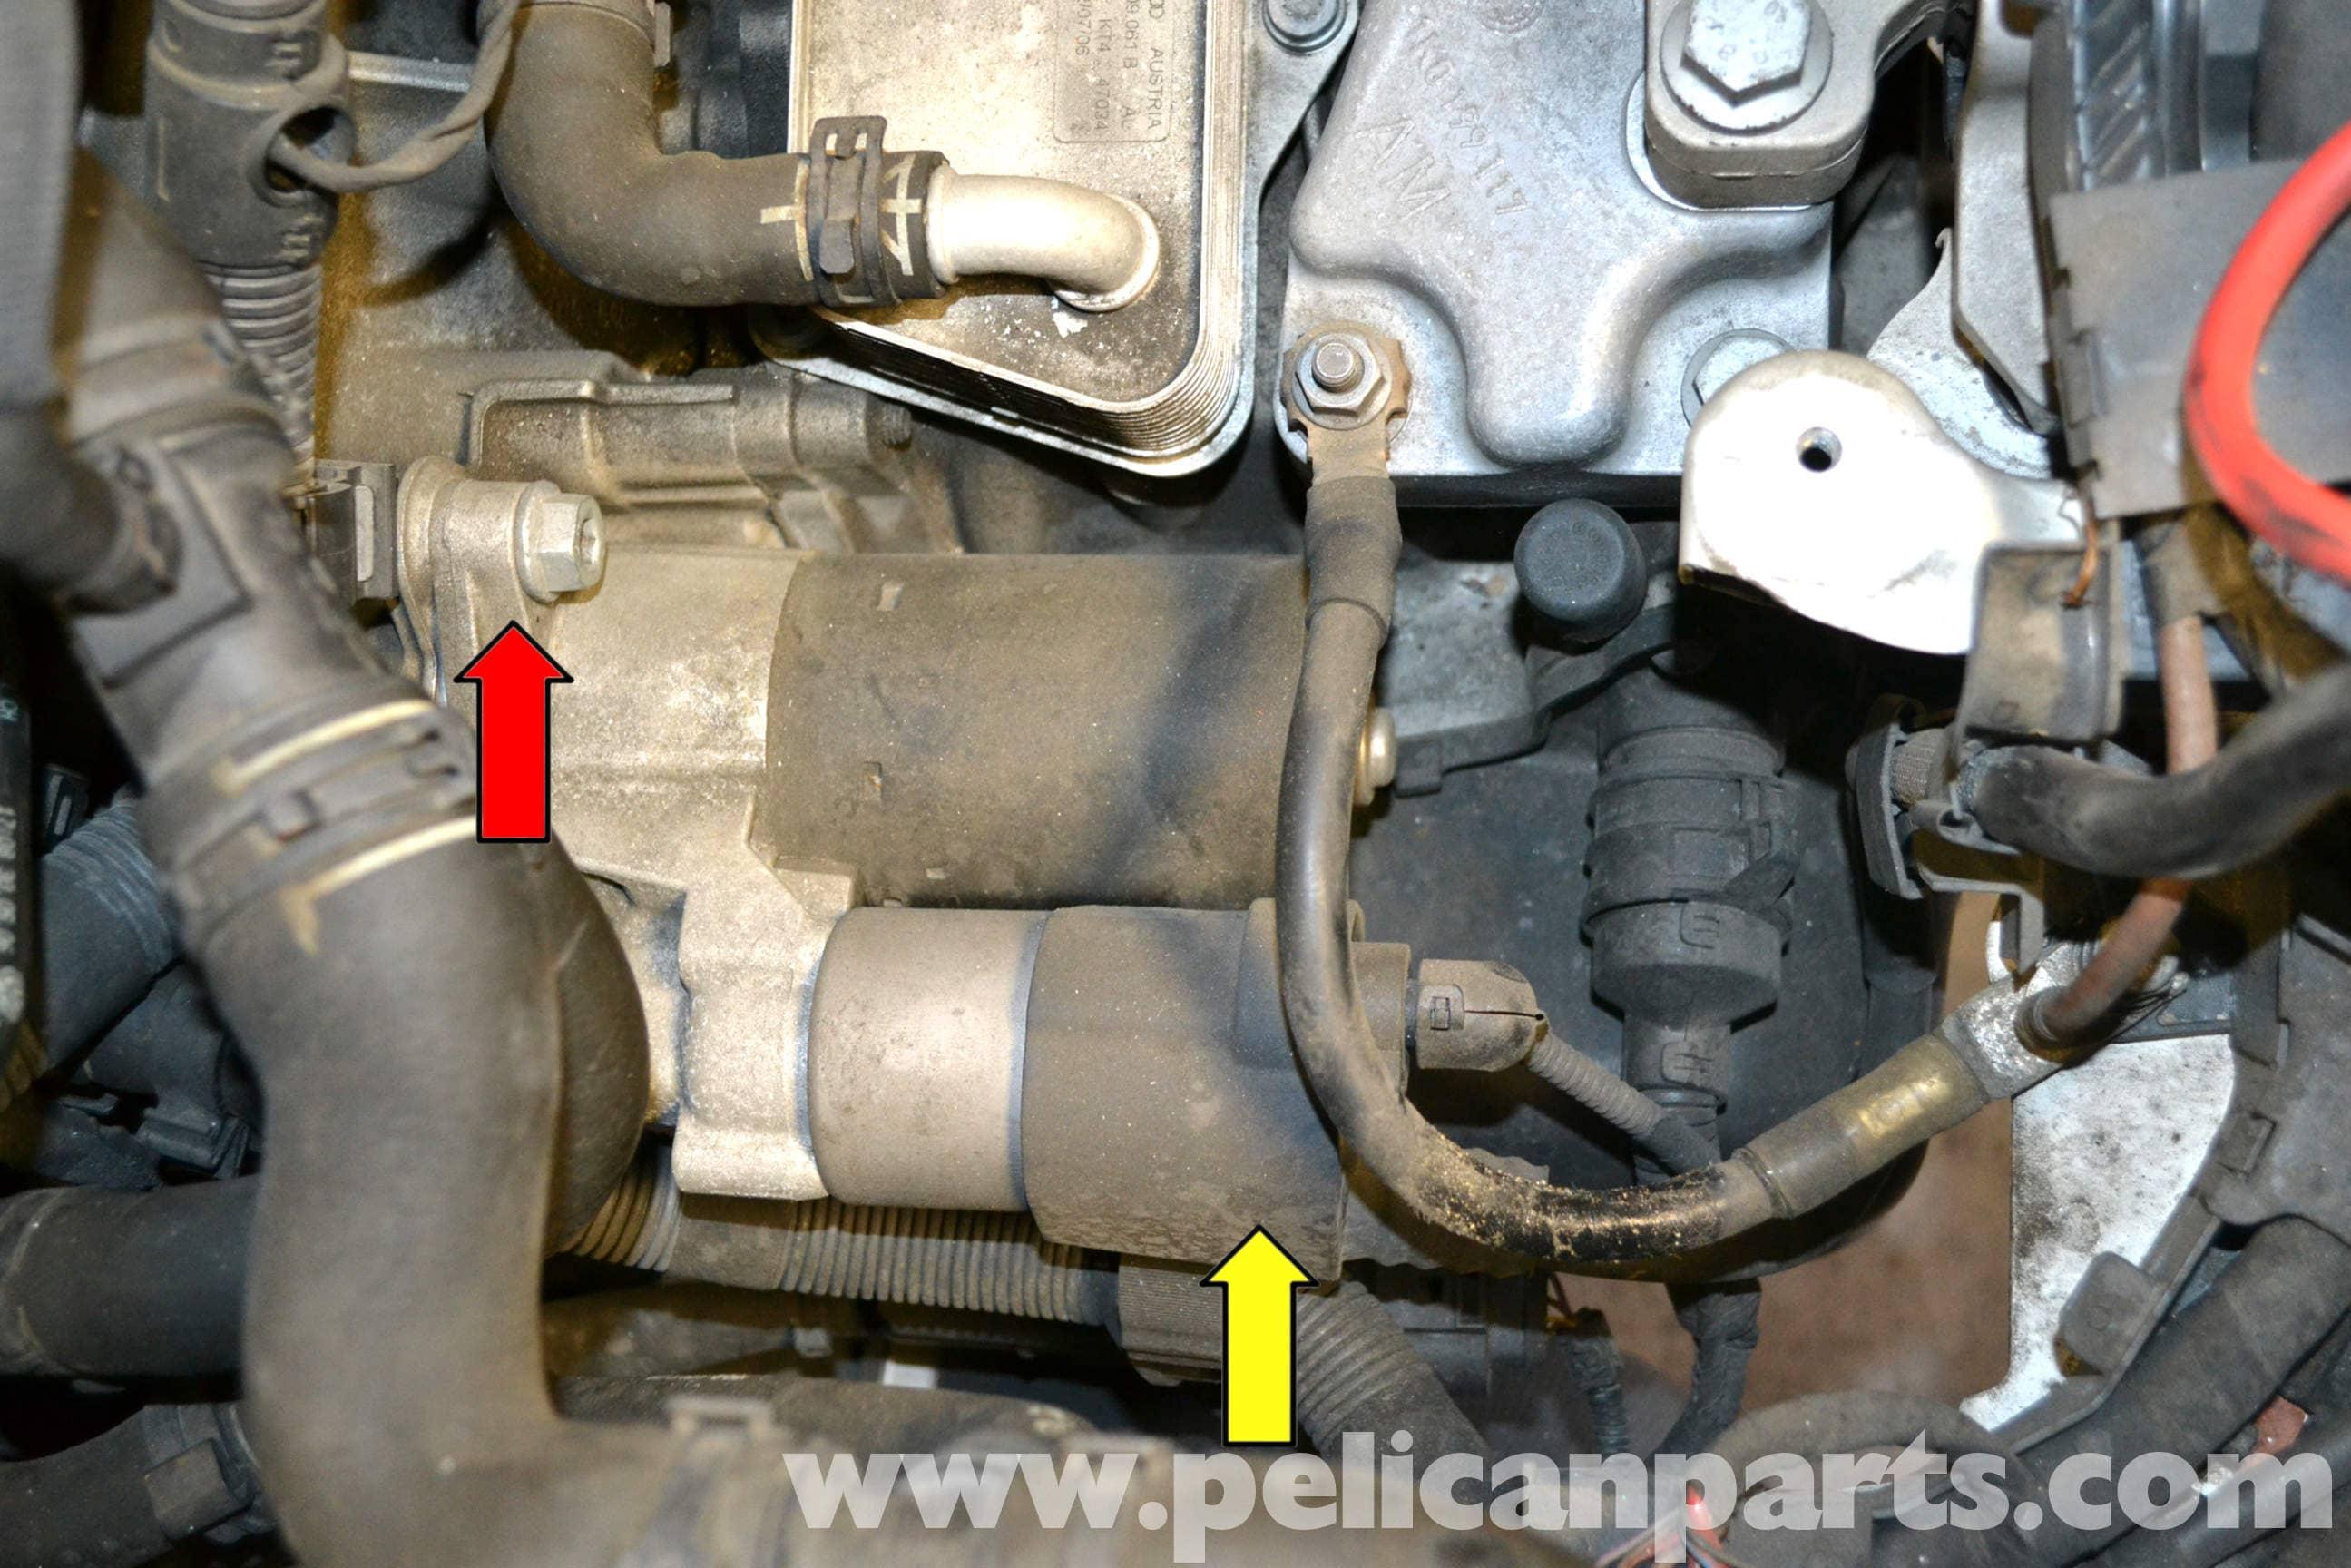 Volkswagen Golf GTI Mk V Starter Replacement (2006-2009) - Pelican Parts  DIY Maintenance Article [ 1728 x 2591 Pixel ]